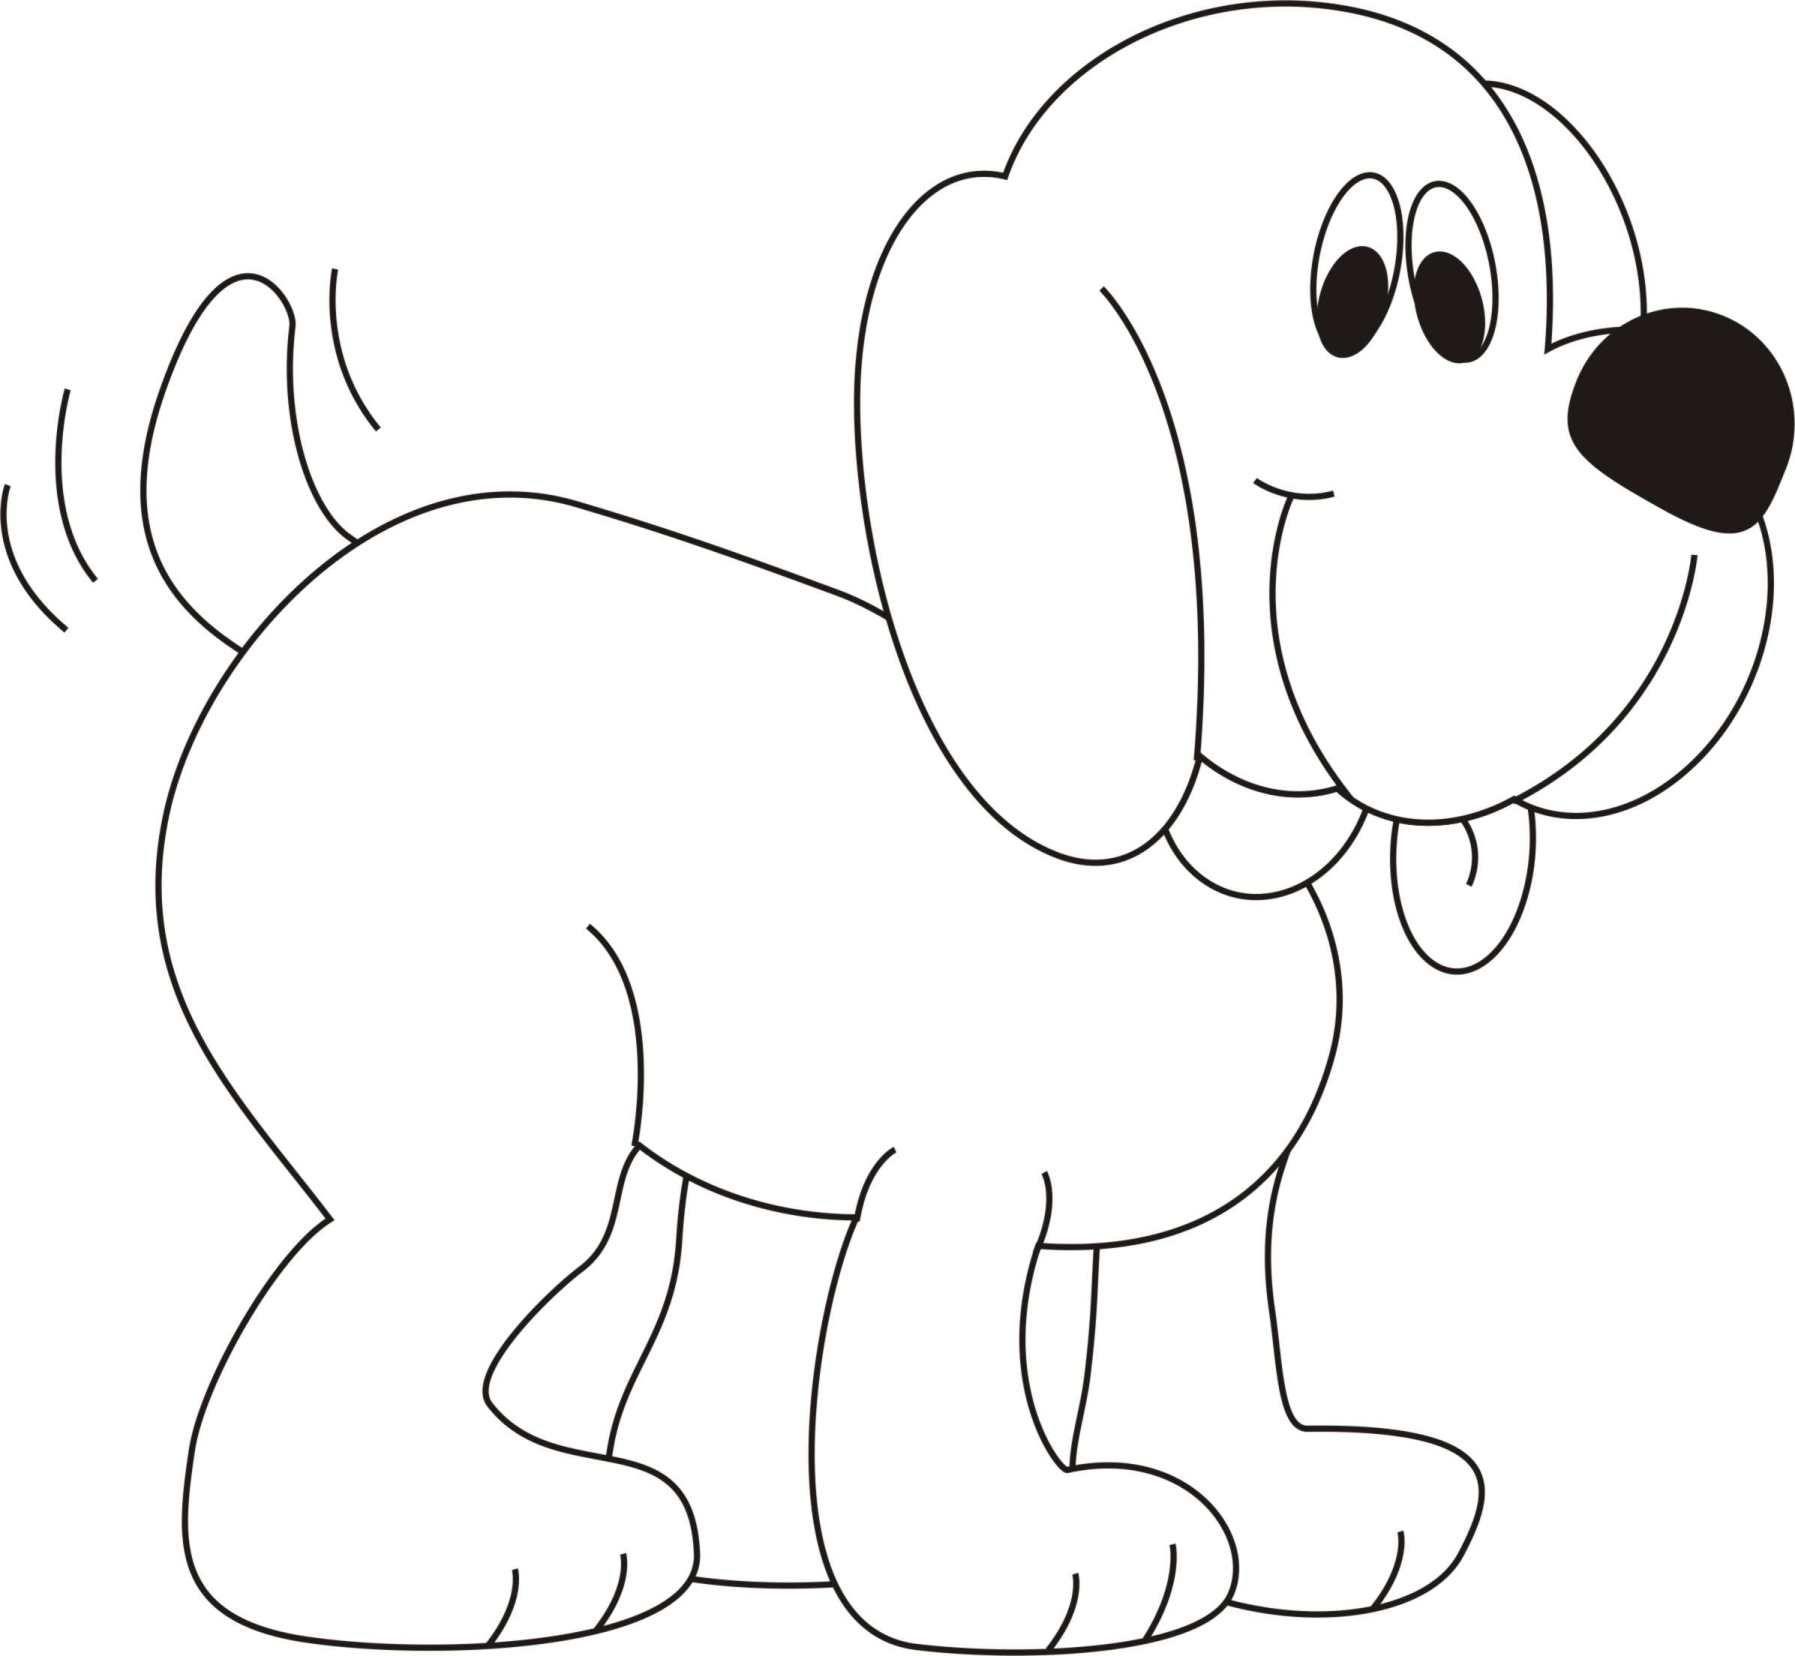 картинки для срисовки собаки 2018: 2 тыс изображений ...